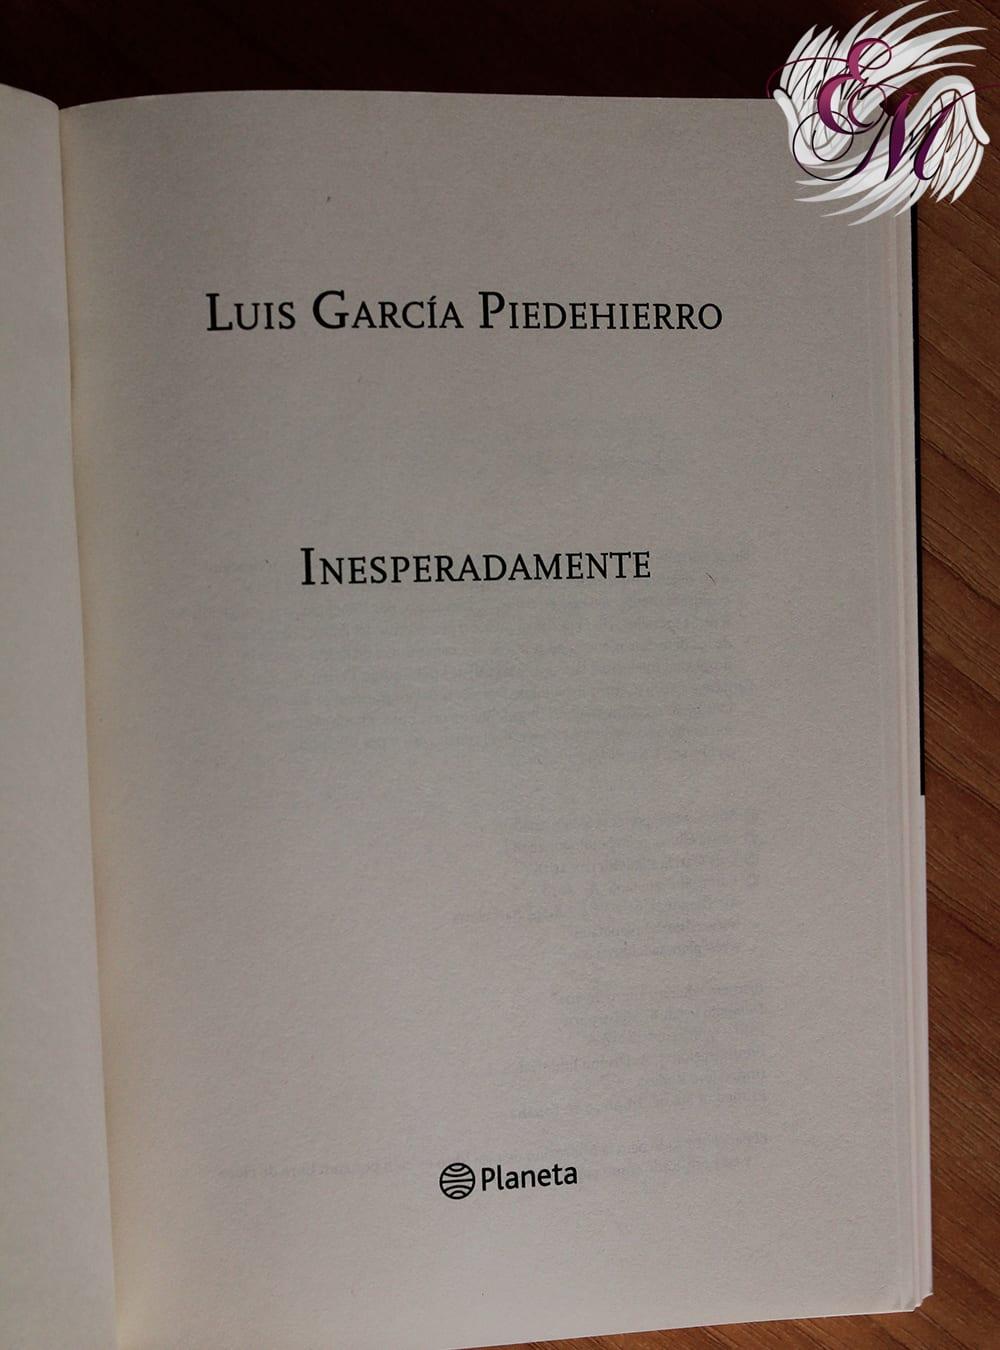 Inesperadamente, de Luis García Piedehierro - Reseña